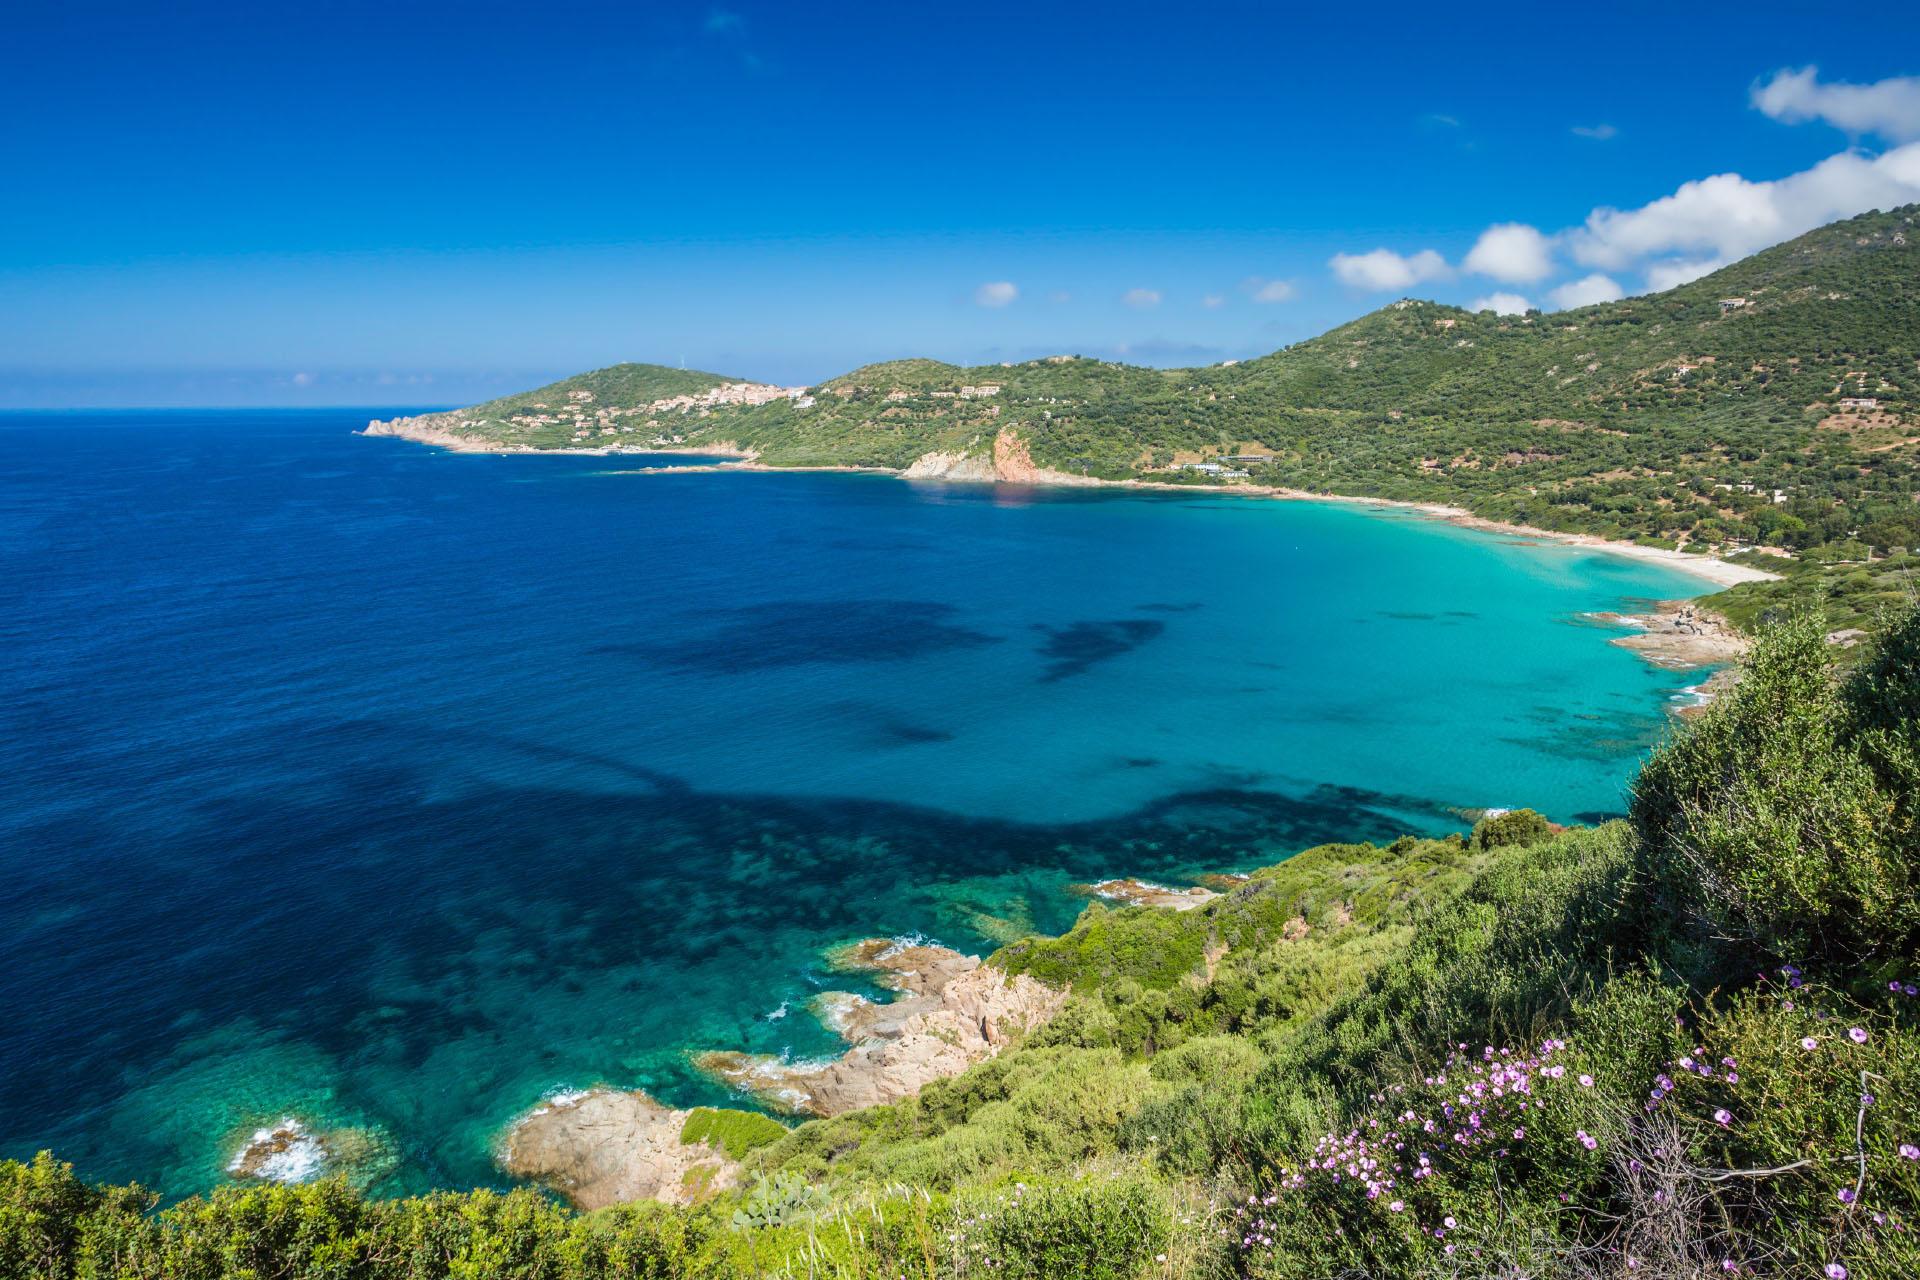 コルシカ島の西海岸のカルジェーズのビーチと海岸線の風景 コルシカの風景